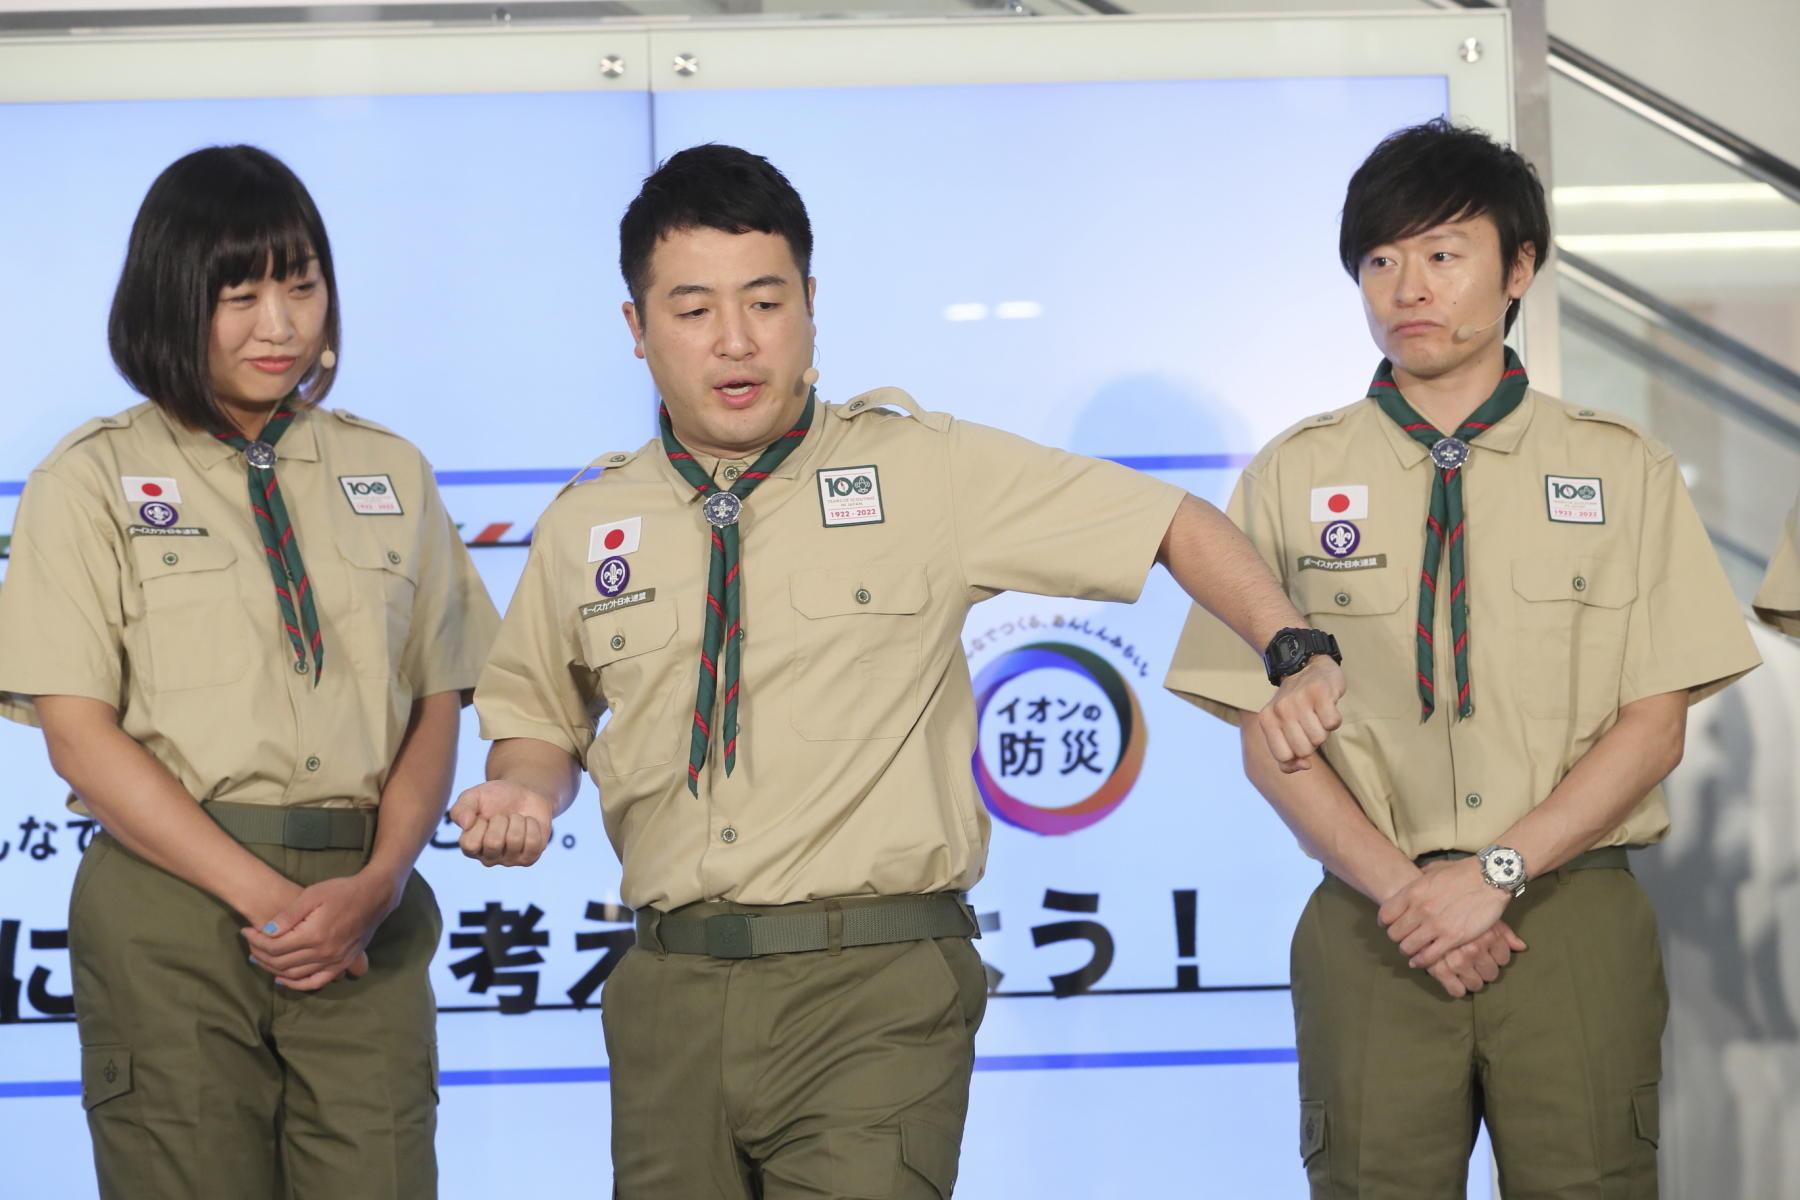 http://news.yoshimoto.co.jp/20180830174302-fd311cd83d987c40a14e0d7e3dc699ed09943913.jpg